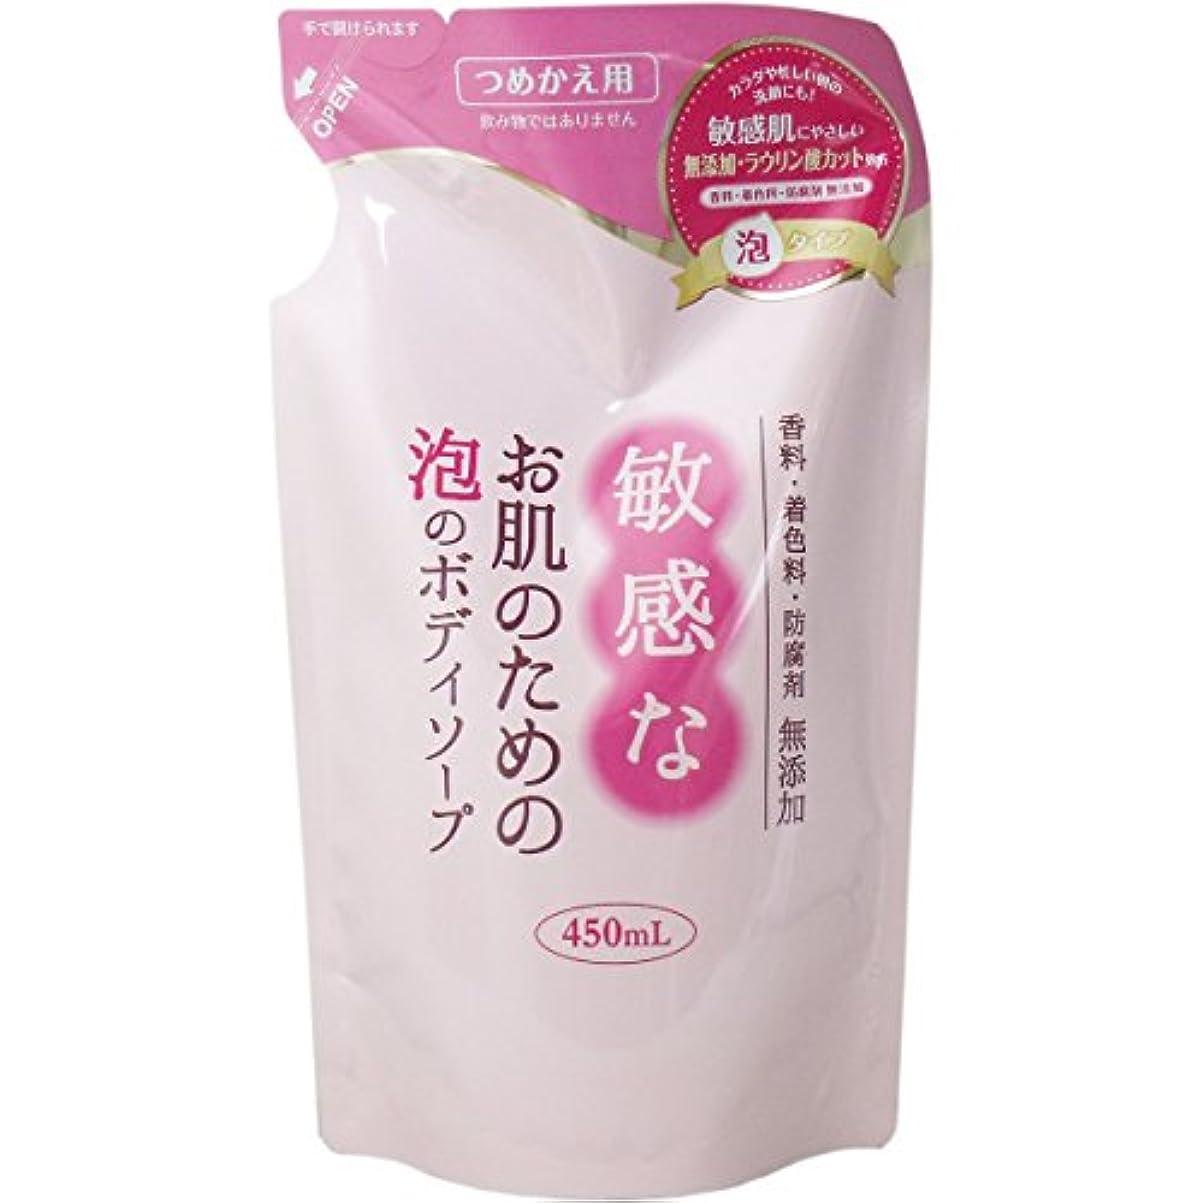 肥満伝統ラッシュ敏感なお肌のための泡のボディソープ 詰替 450mL CBH-FBR